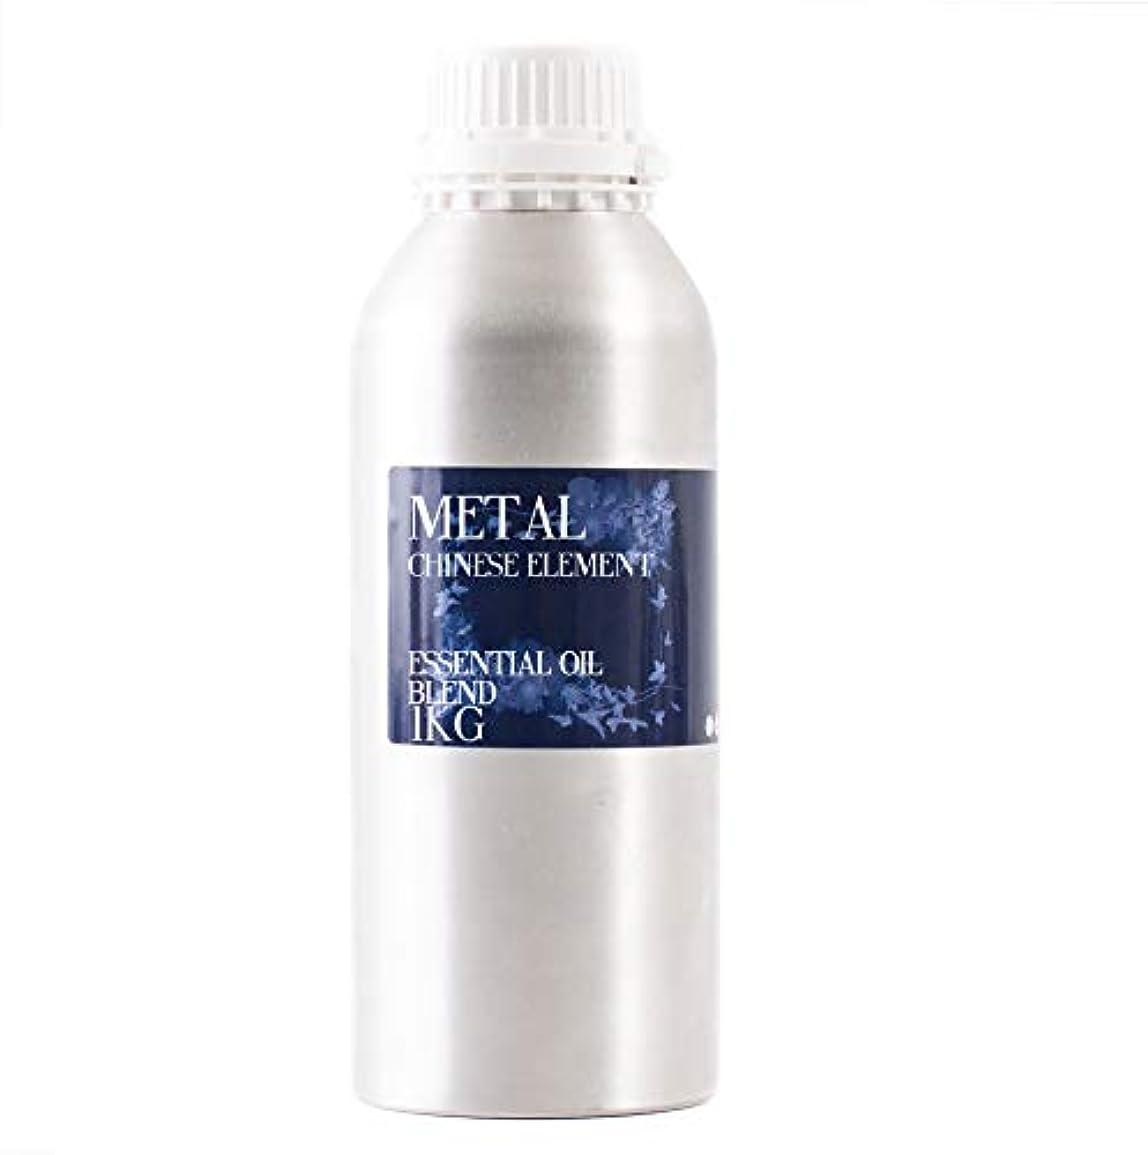 宮殿是正する予測子Mystix London   Chinese Metal Element Essential Oil Blend - 1Kg